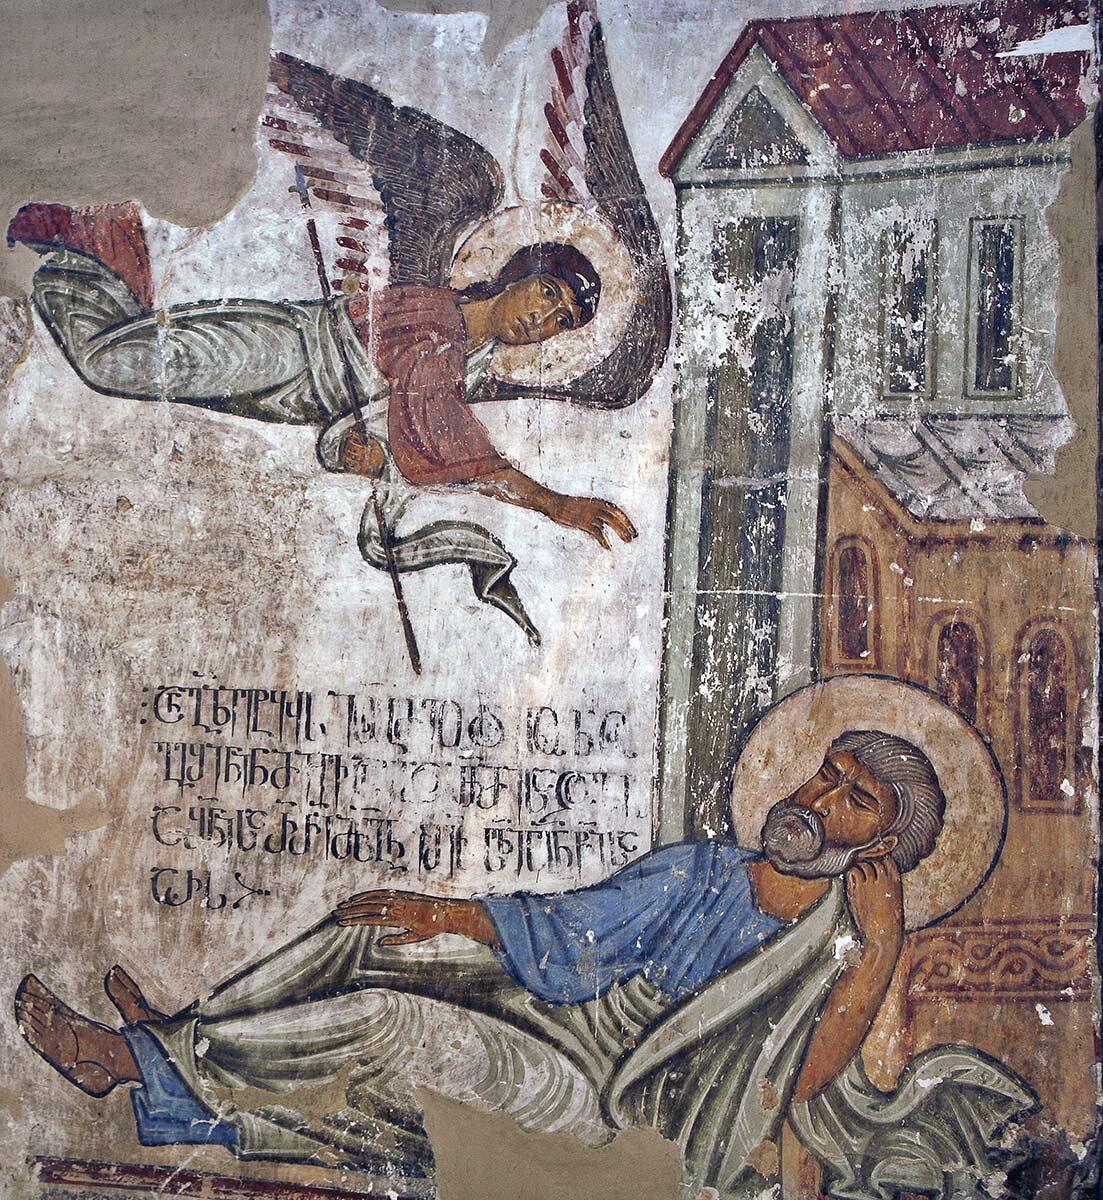 Εμφάνιση αγγέλου στον Ιωσήφ